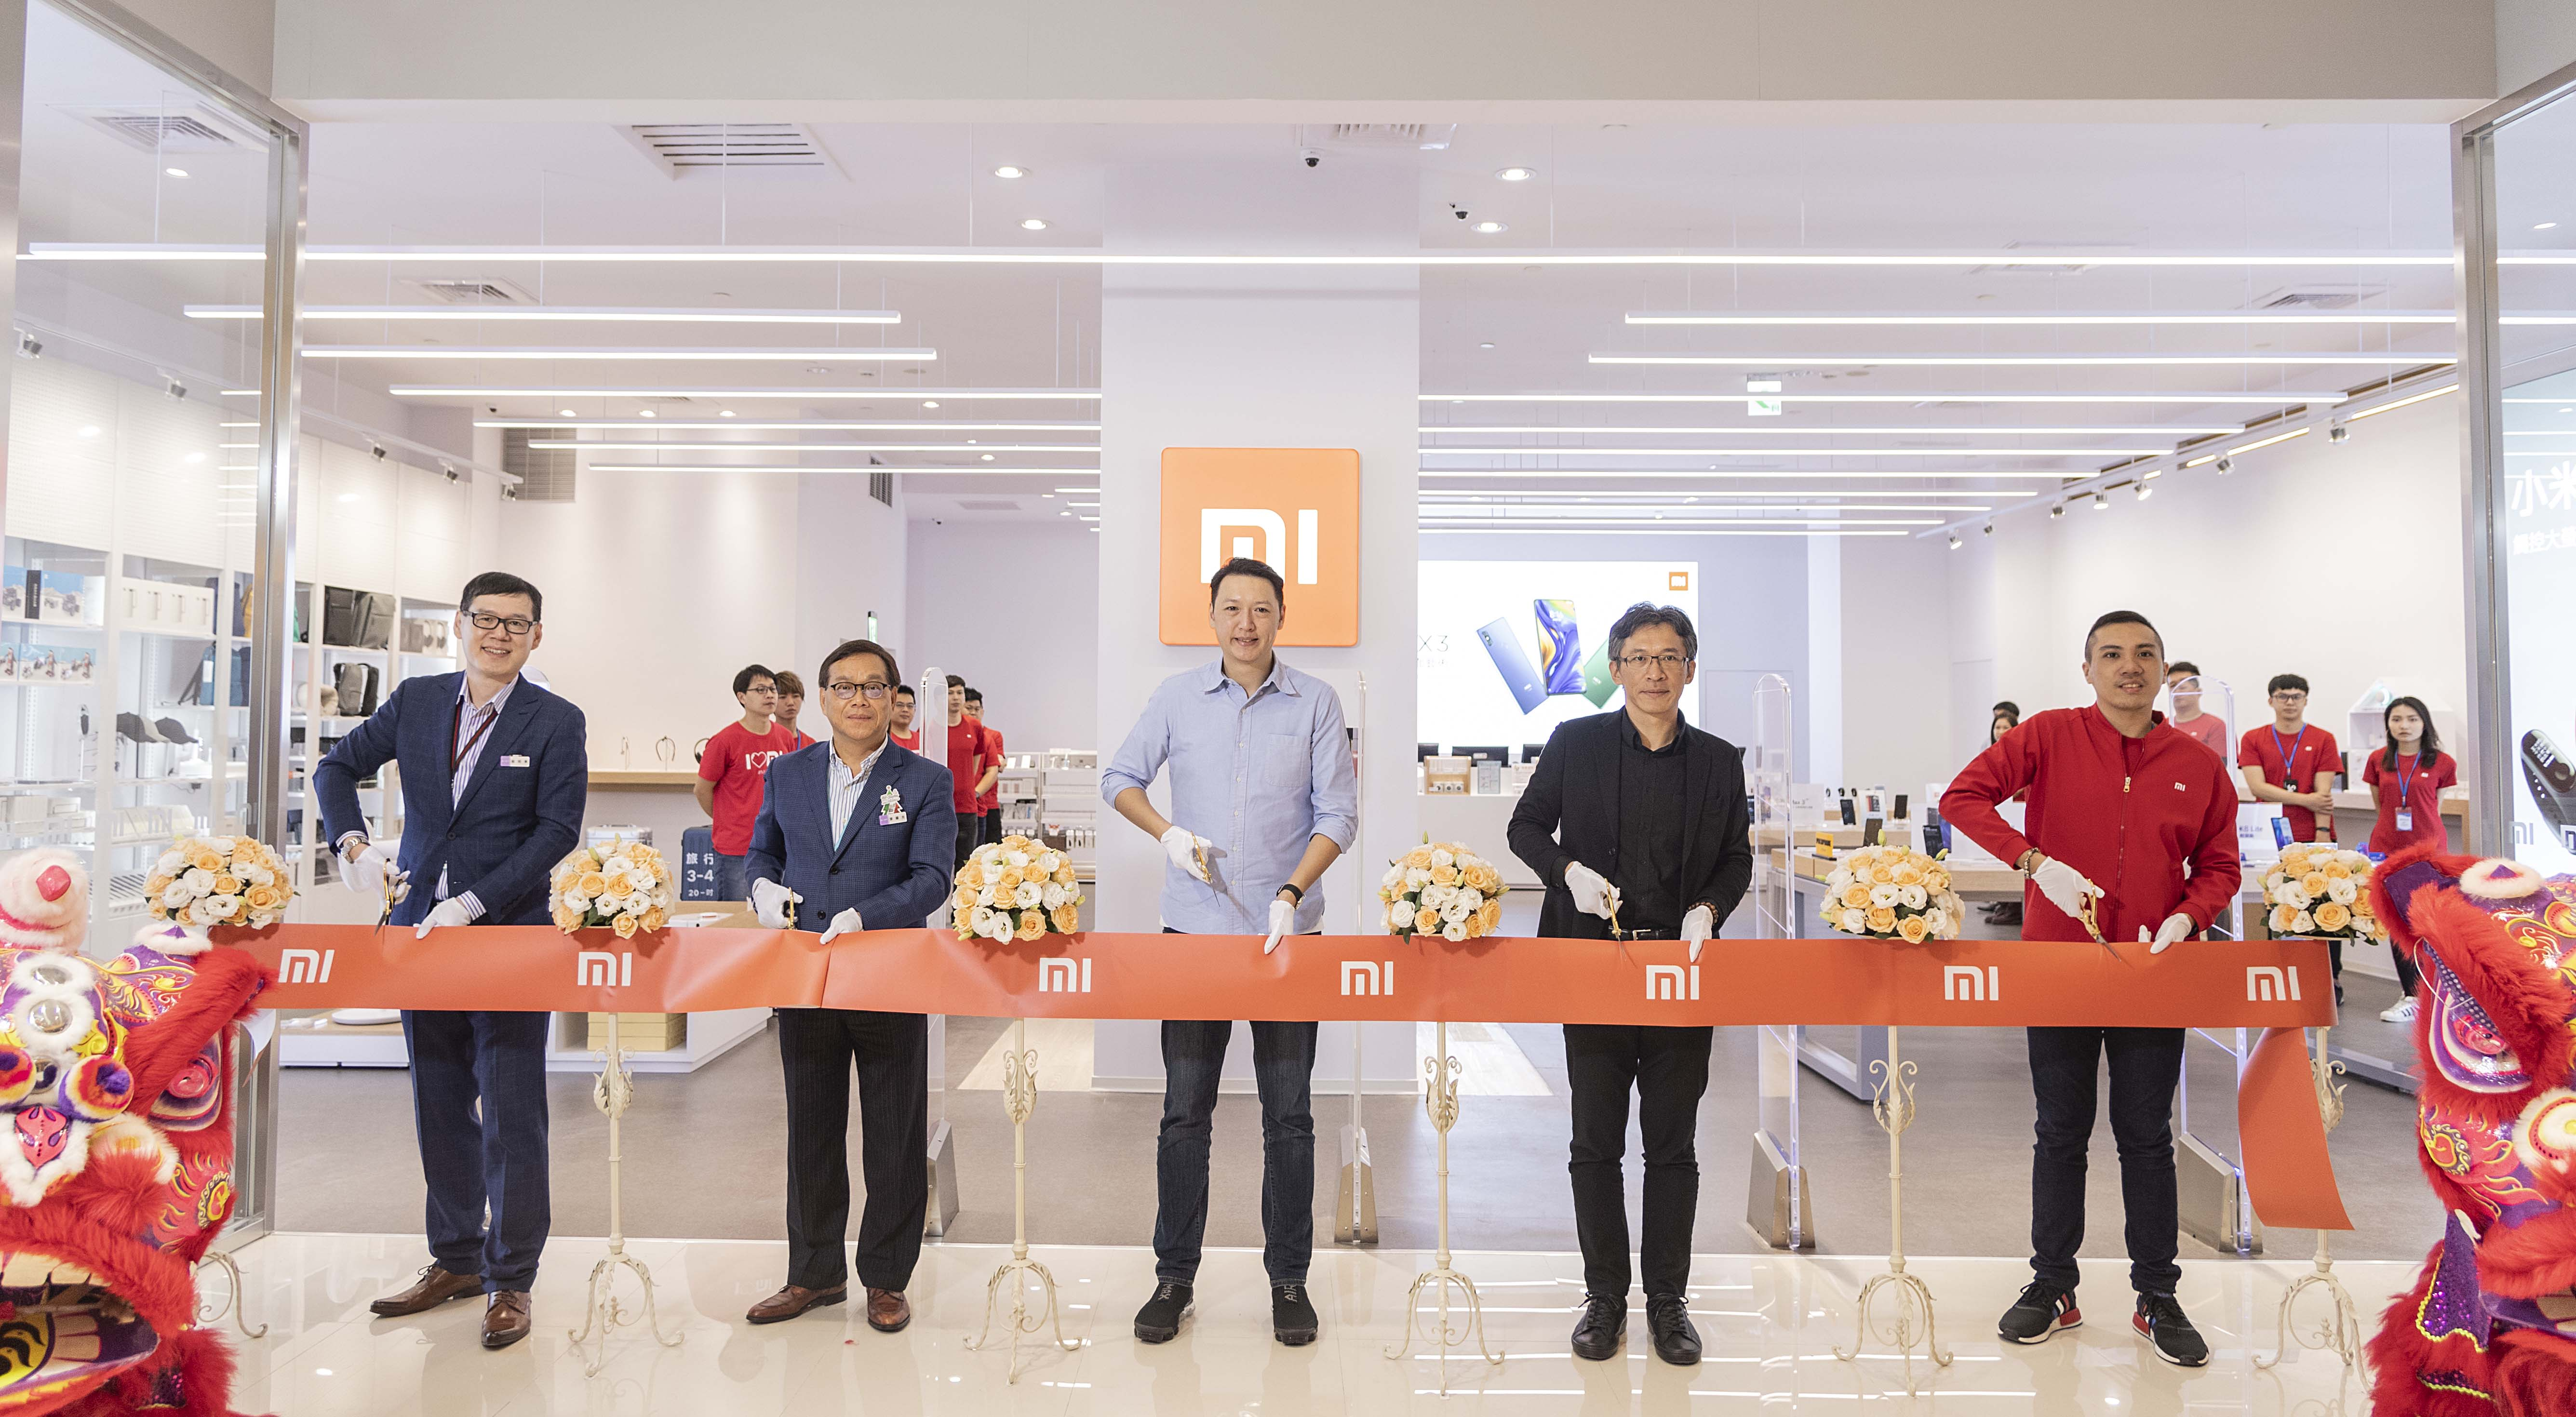 小米高雄夢時代專賣店 正式開幕  宜蘭新月專賣店12月22日接棒開幕